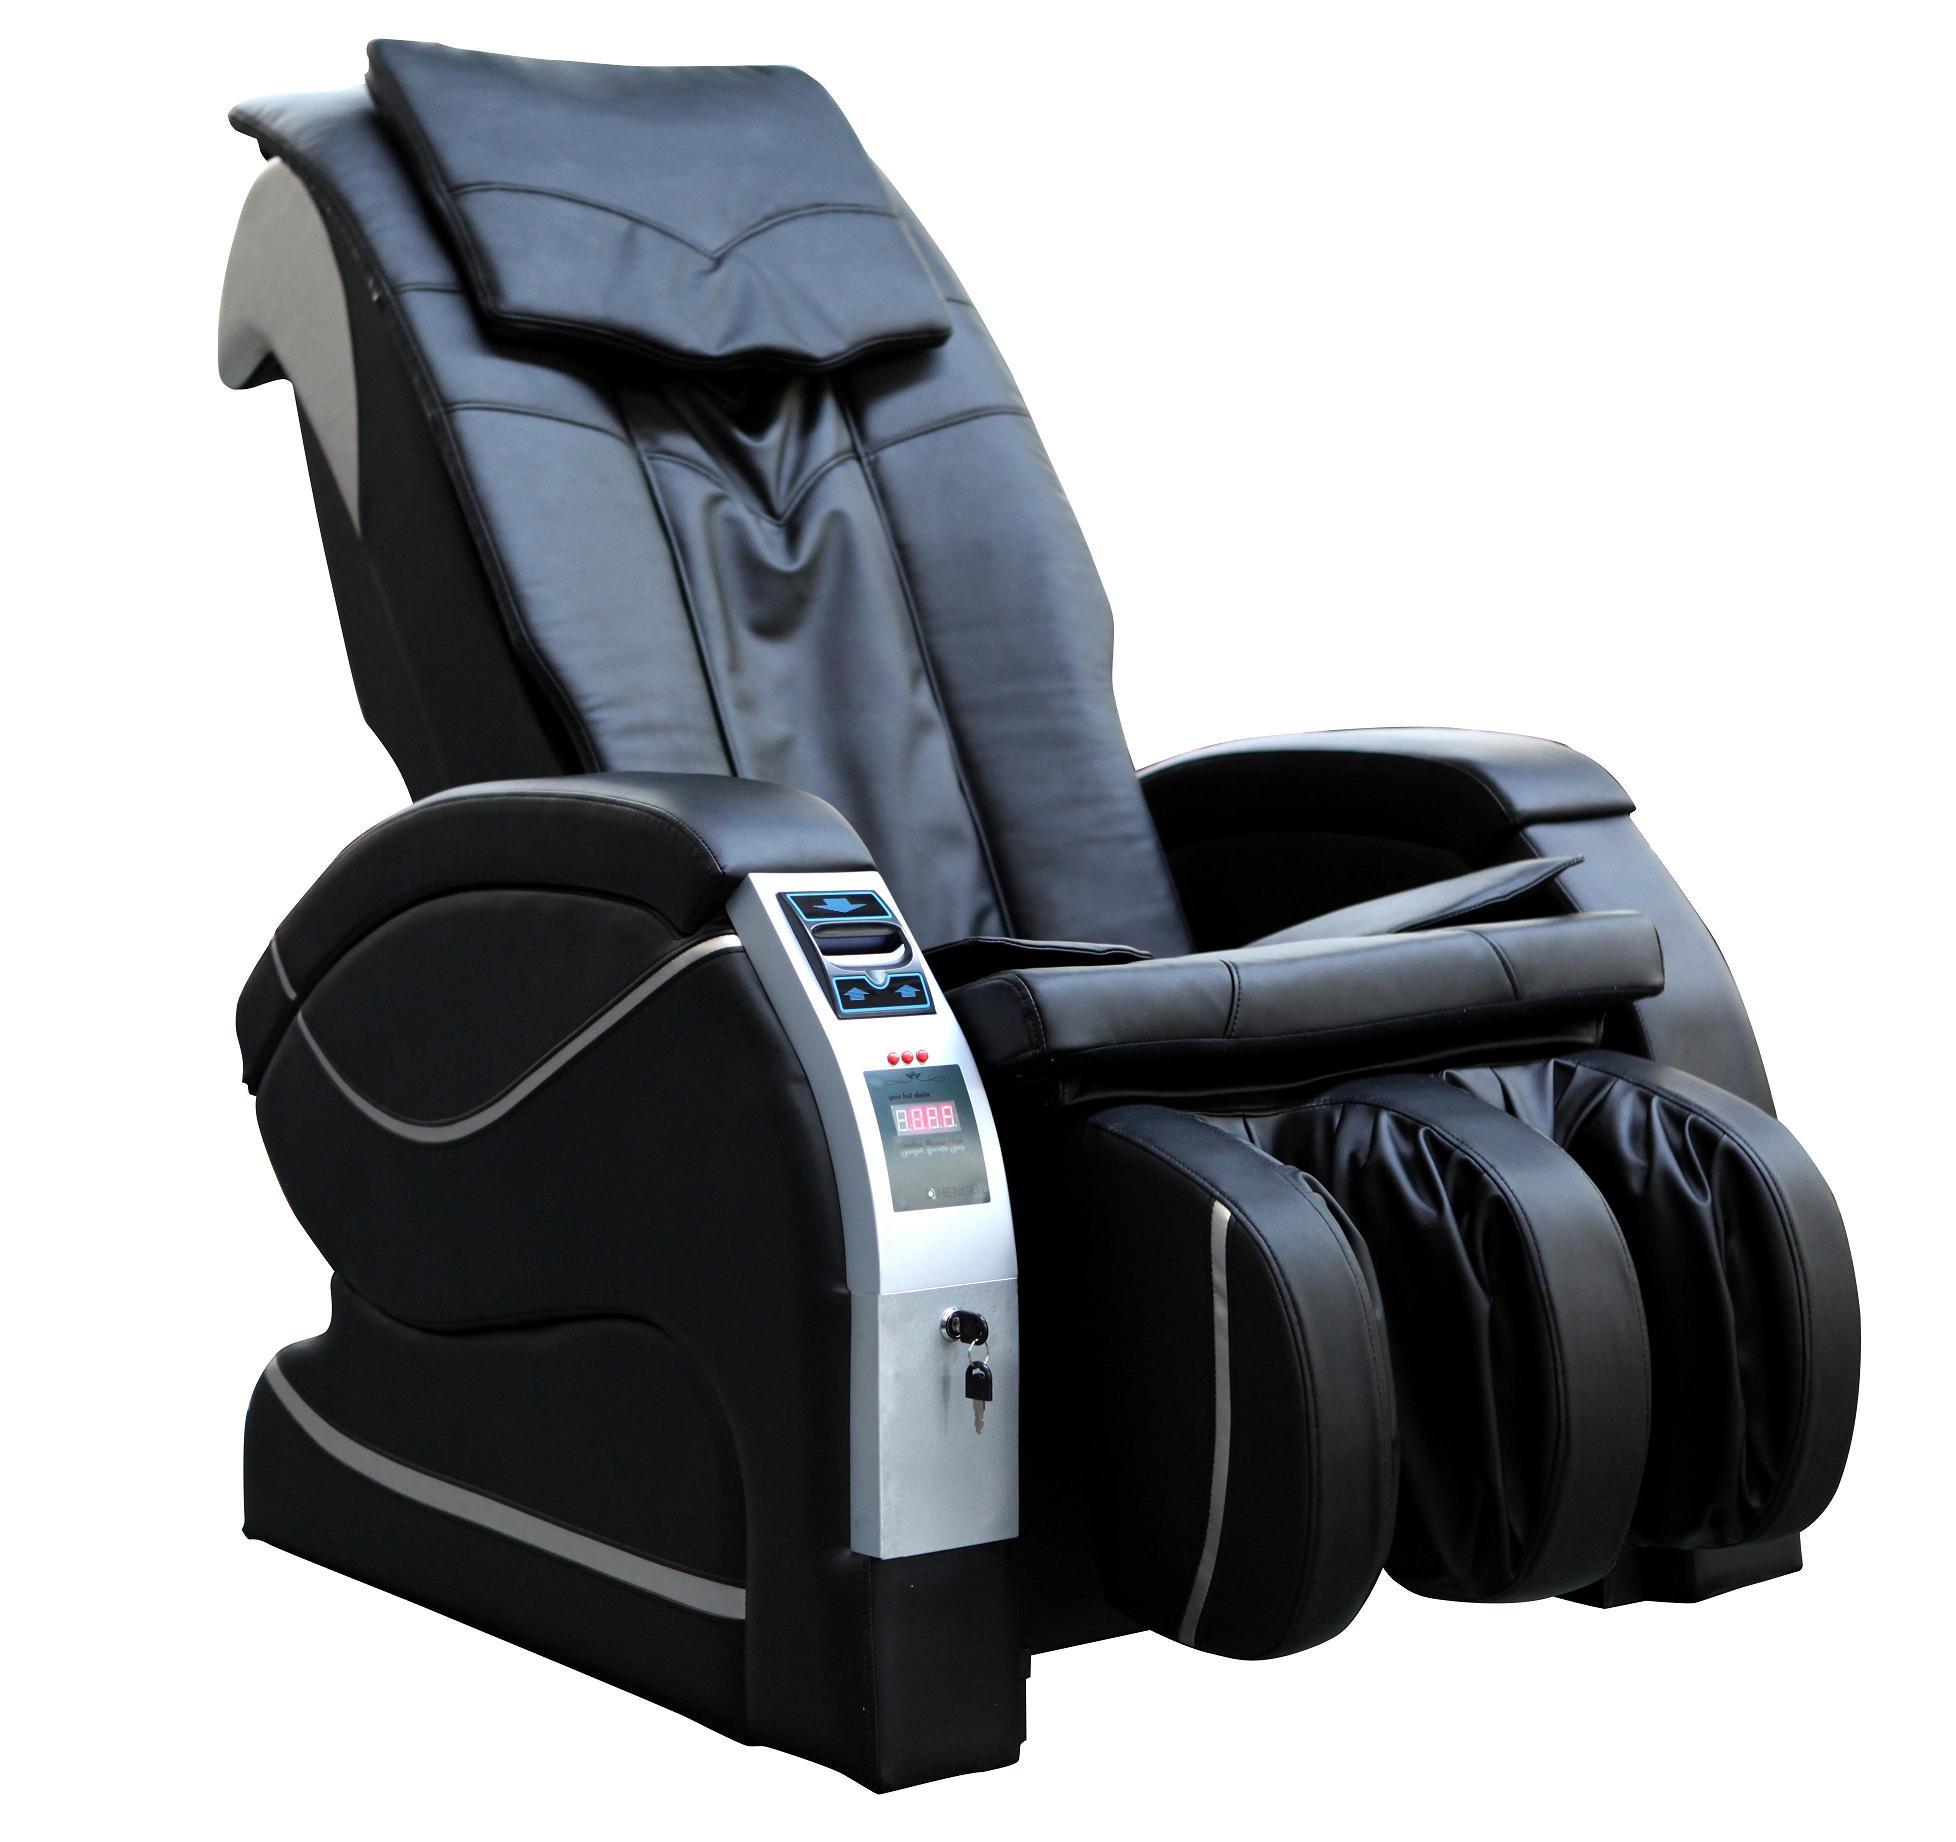 Cadeira de Massagem: Preços, Modelos - Guia Saúde